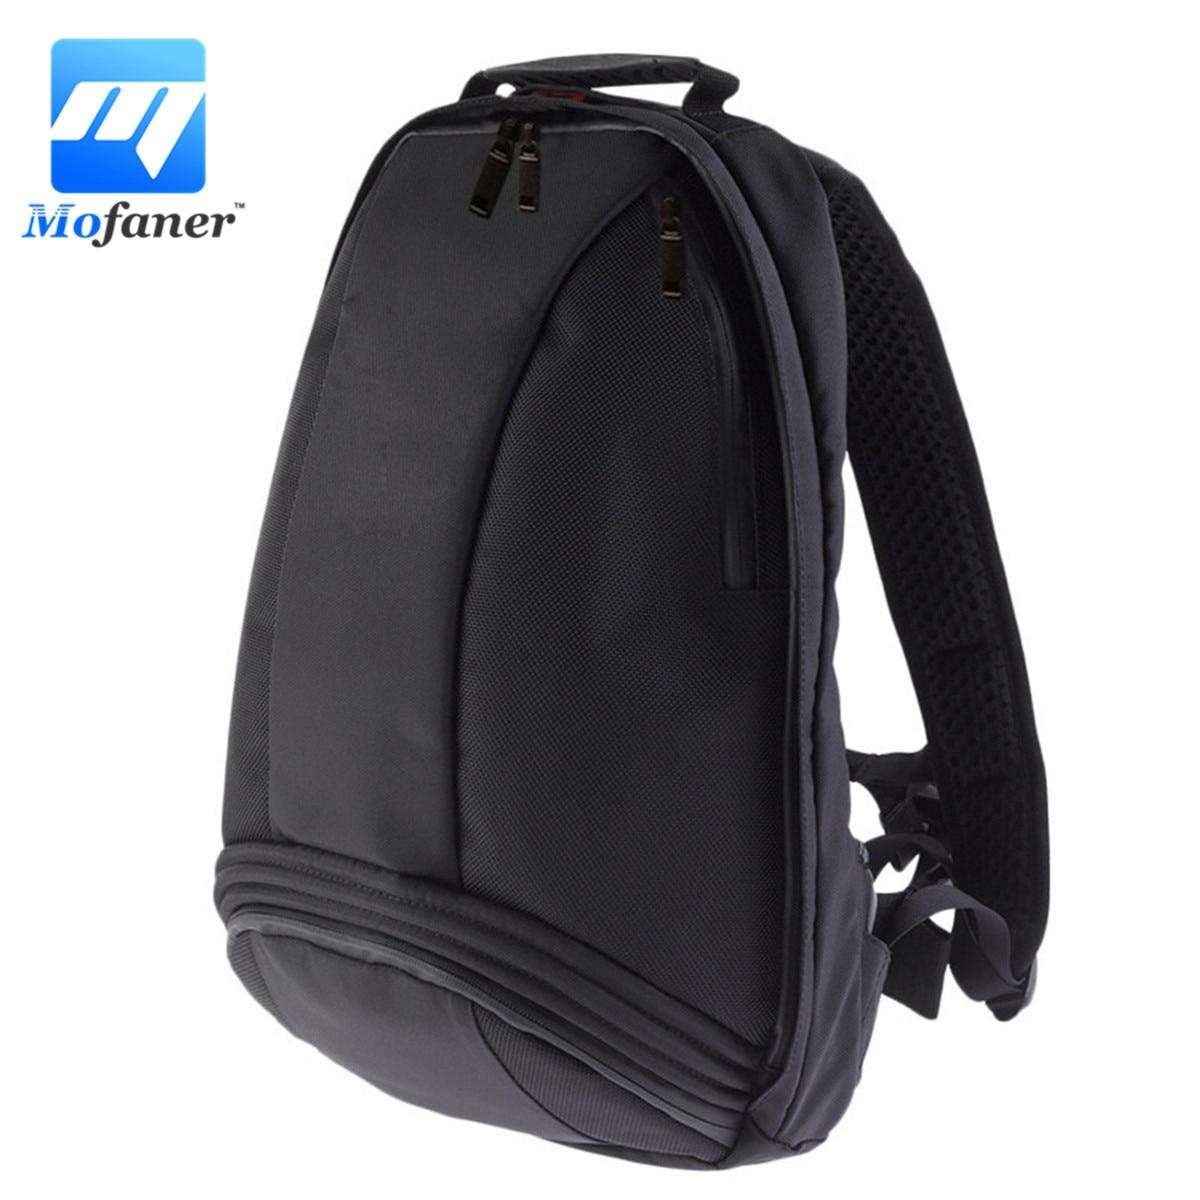 Mofaner Motorcycle Bike Backpack Helmet Bag Folding Laptop Travel Sport Bag <font><b>Rain</b></font> Cover